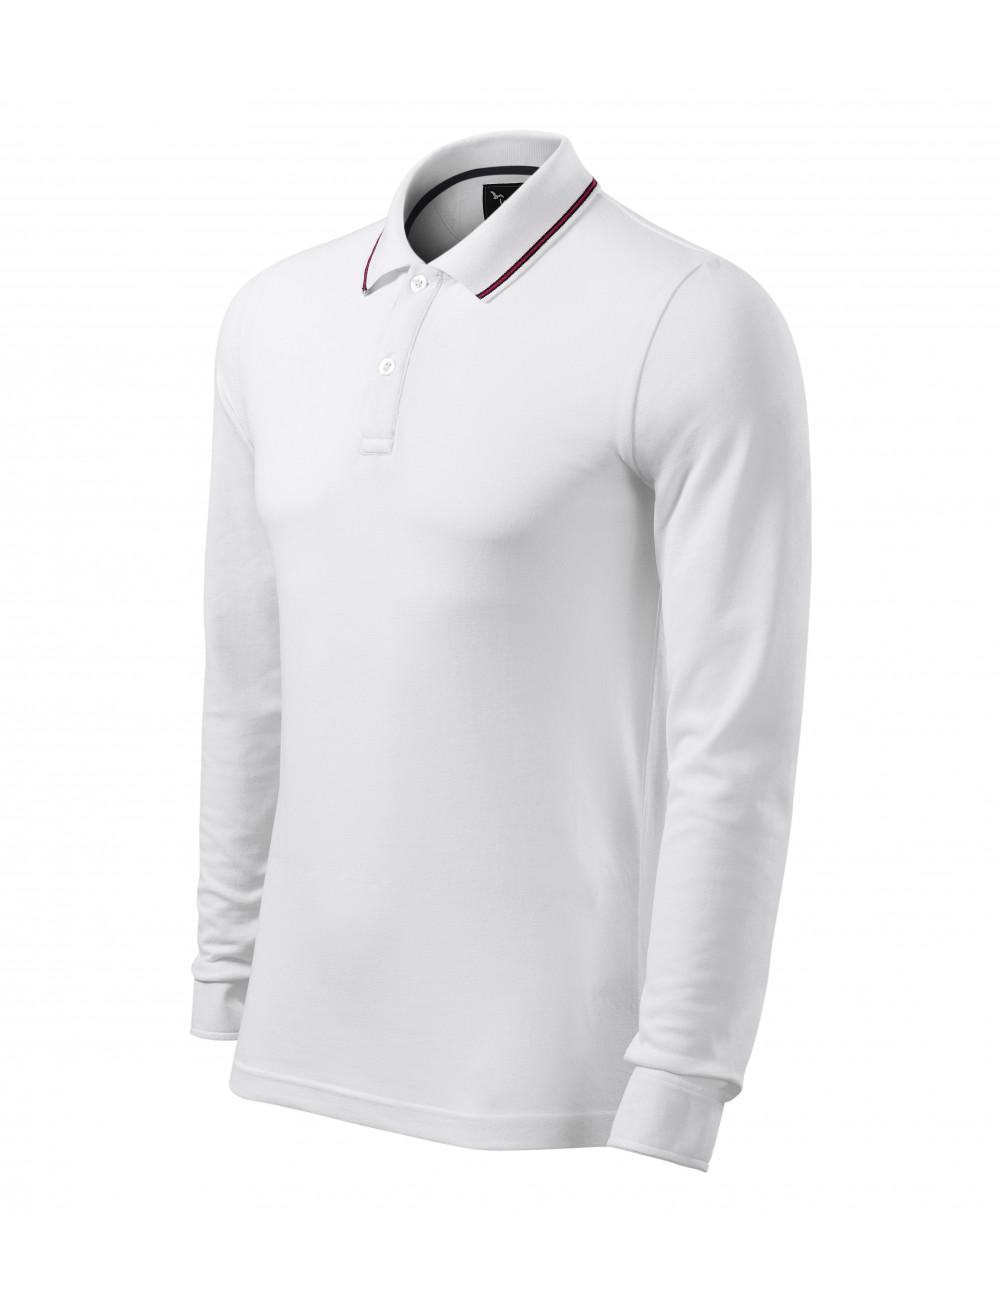 Adler MALFINIPREMIUM Koszulka polo męska Contrast Stripe LS 258 biały